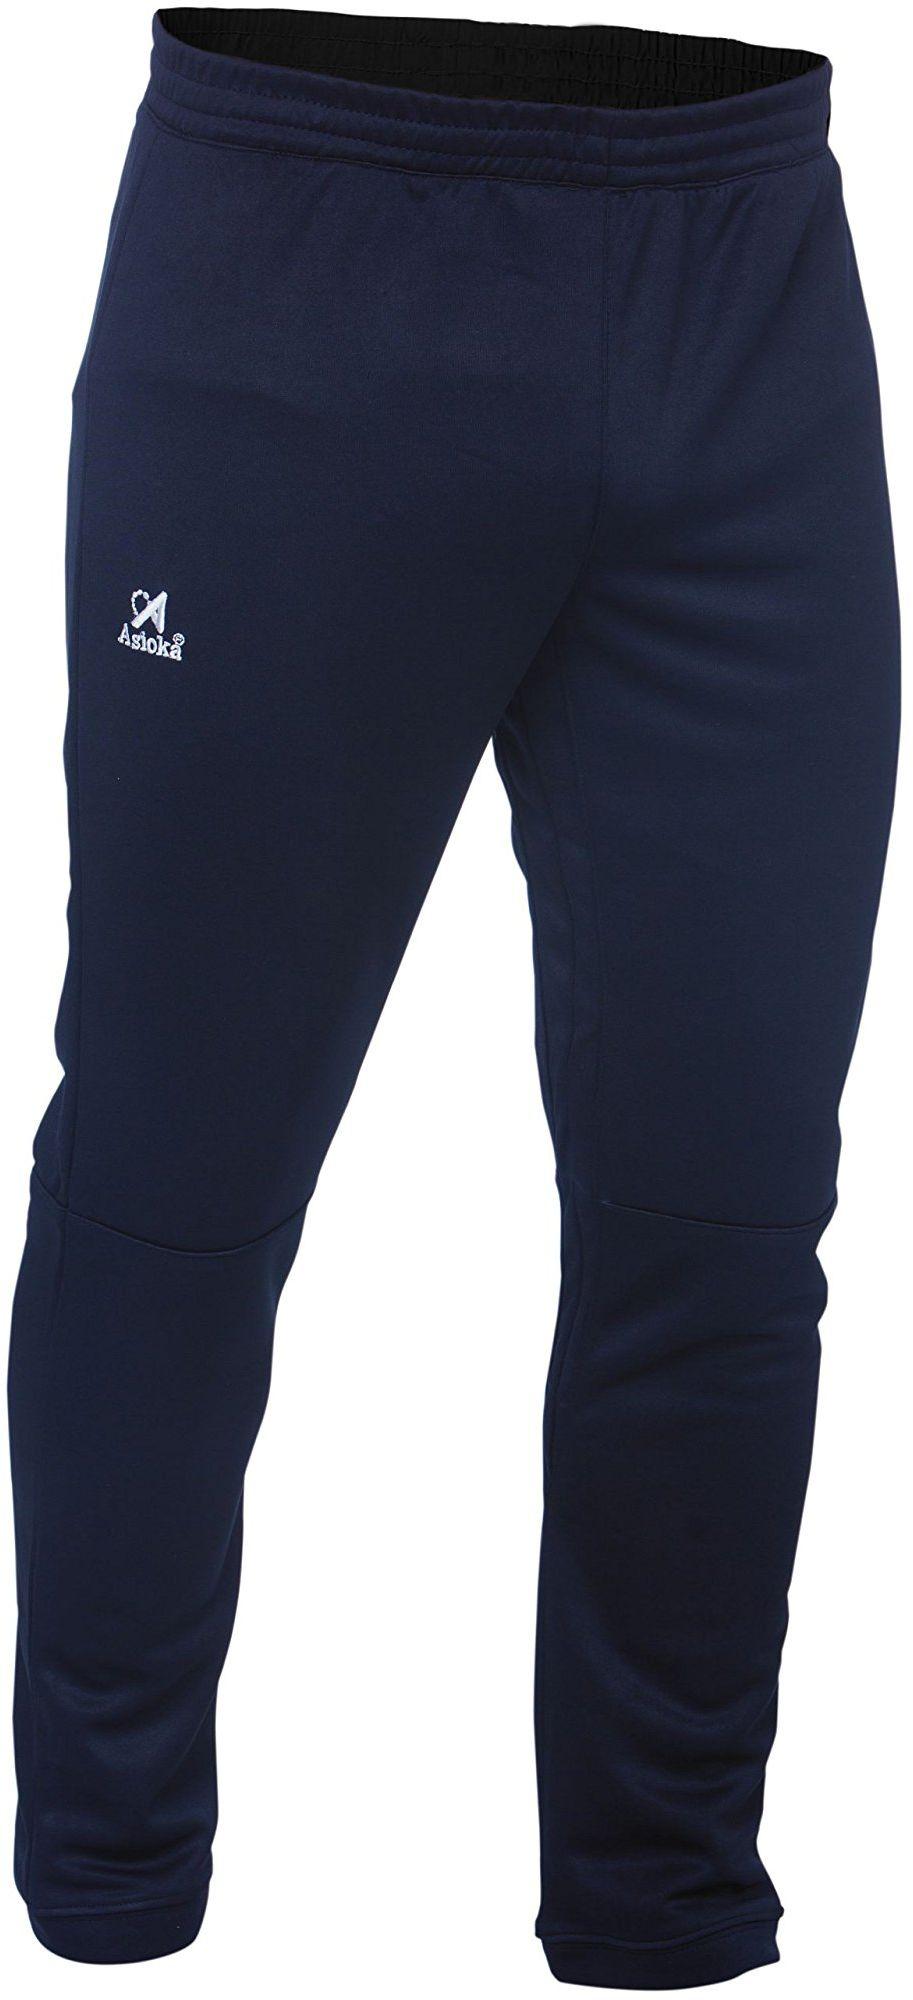 Asioka Unisex dziecięce spodnie do biegania 189/17n biały niebieski morski 4-6/5XS